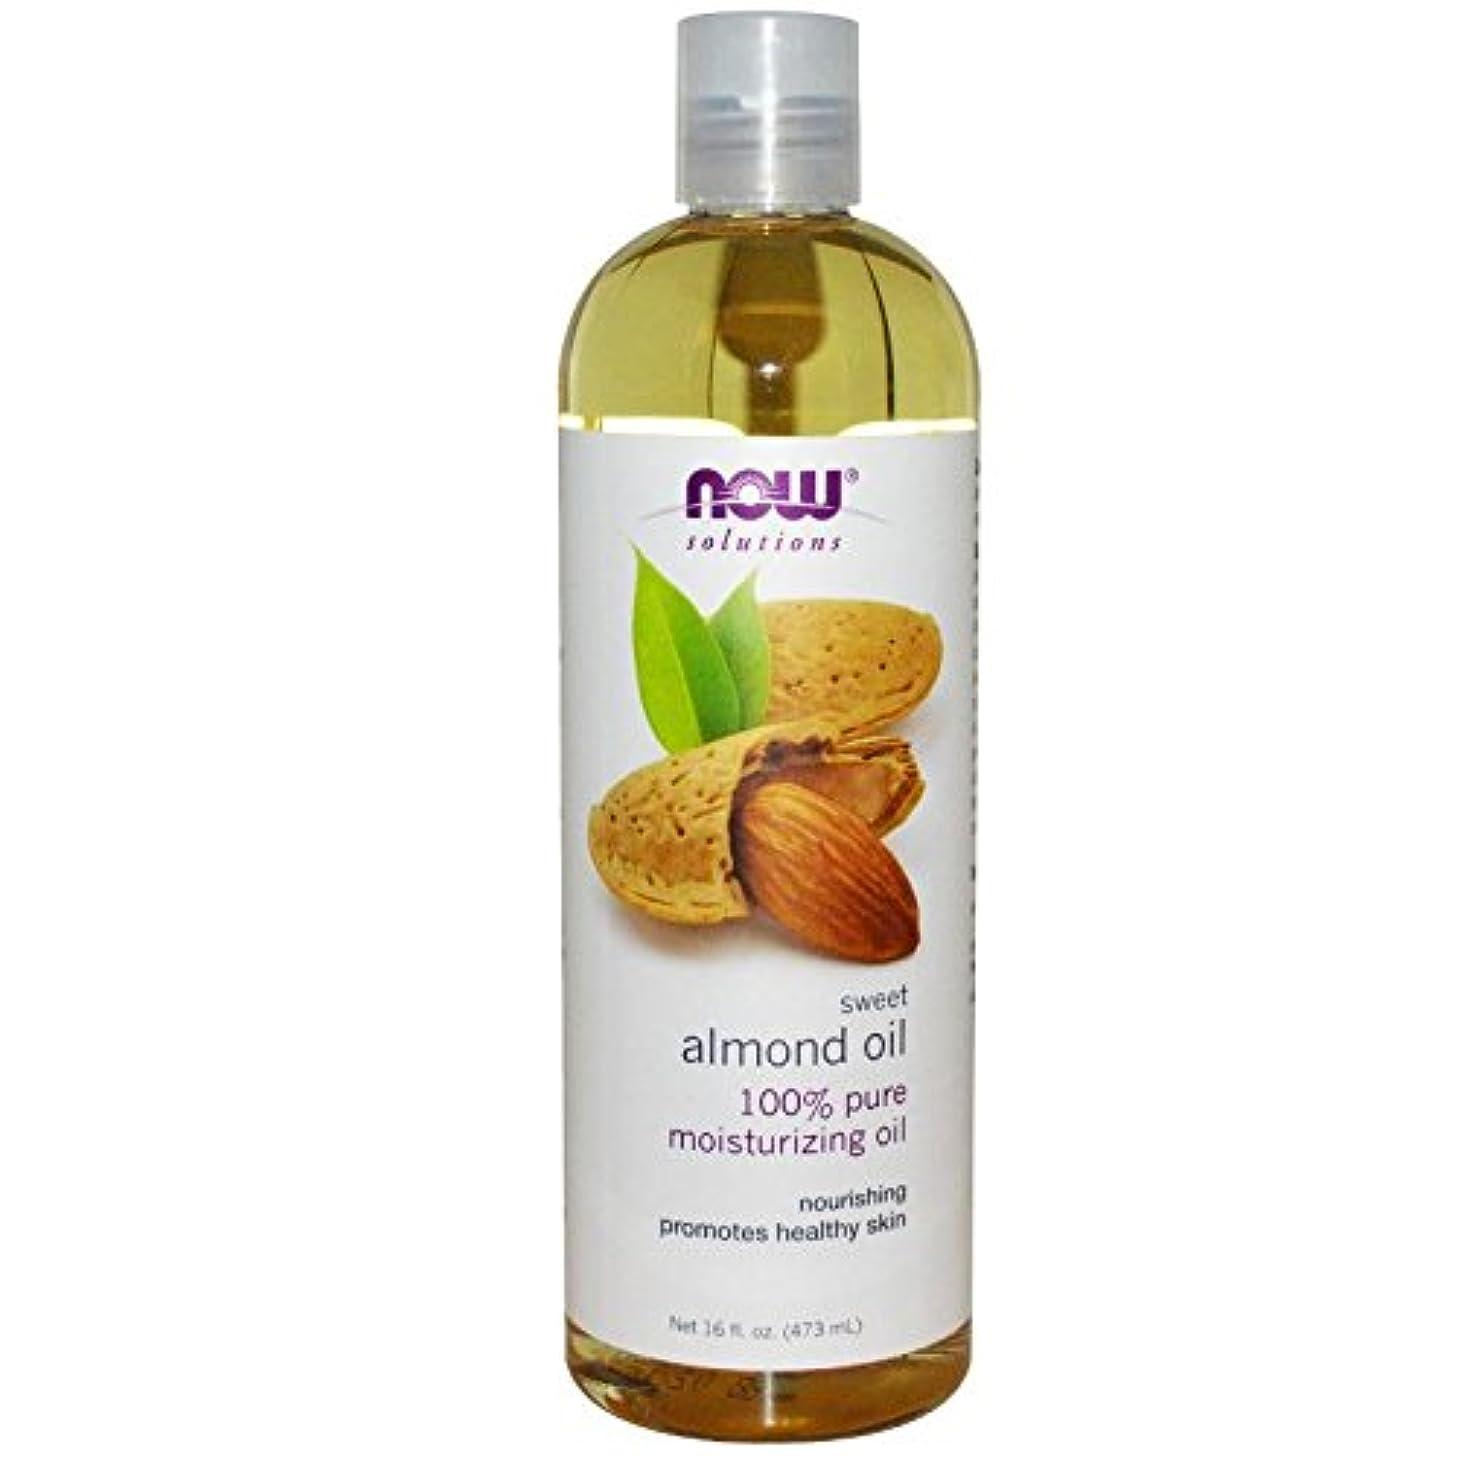 タイマー絶え間ない是正【国内発送】 Now Solutions Sweet Almond Oil 16 oz. (473ml) [並行輸入品]